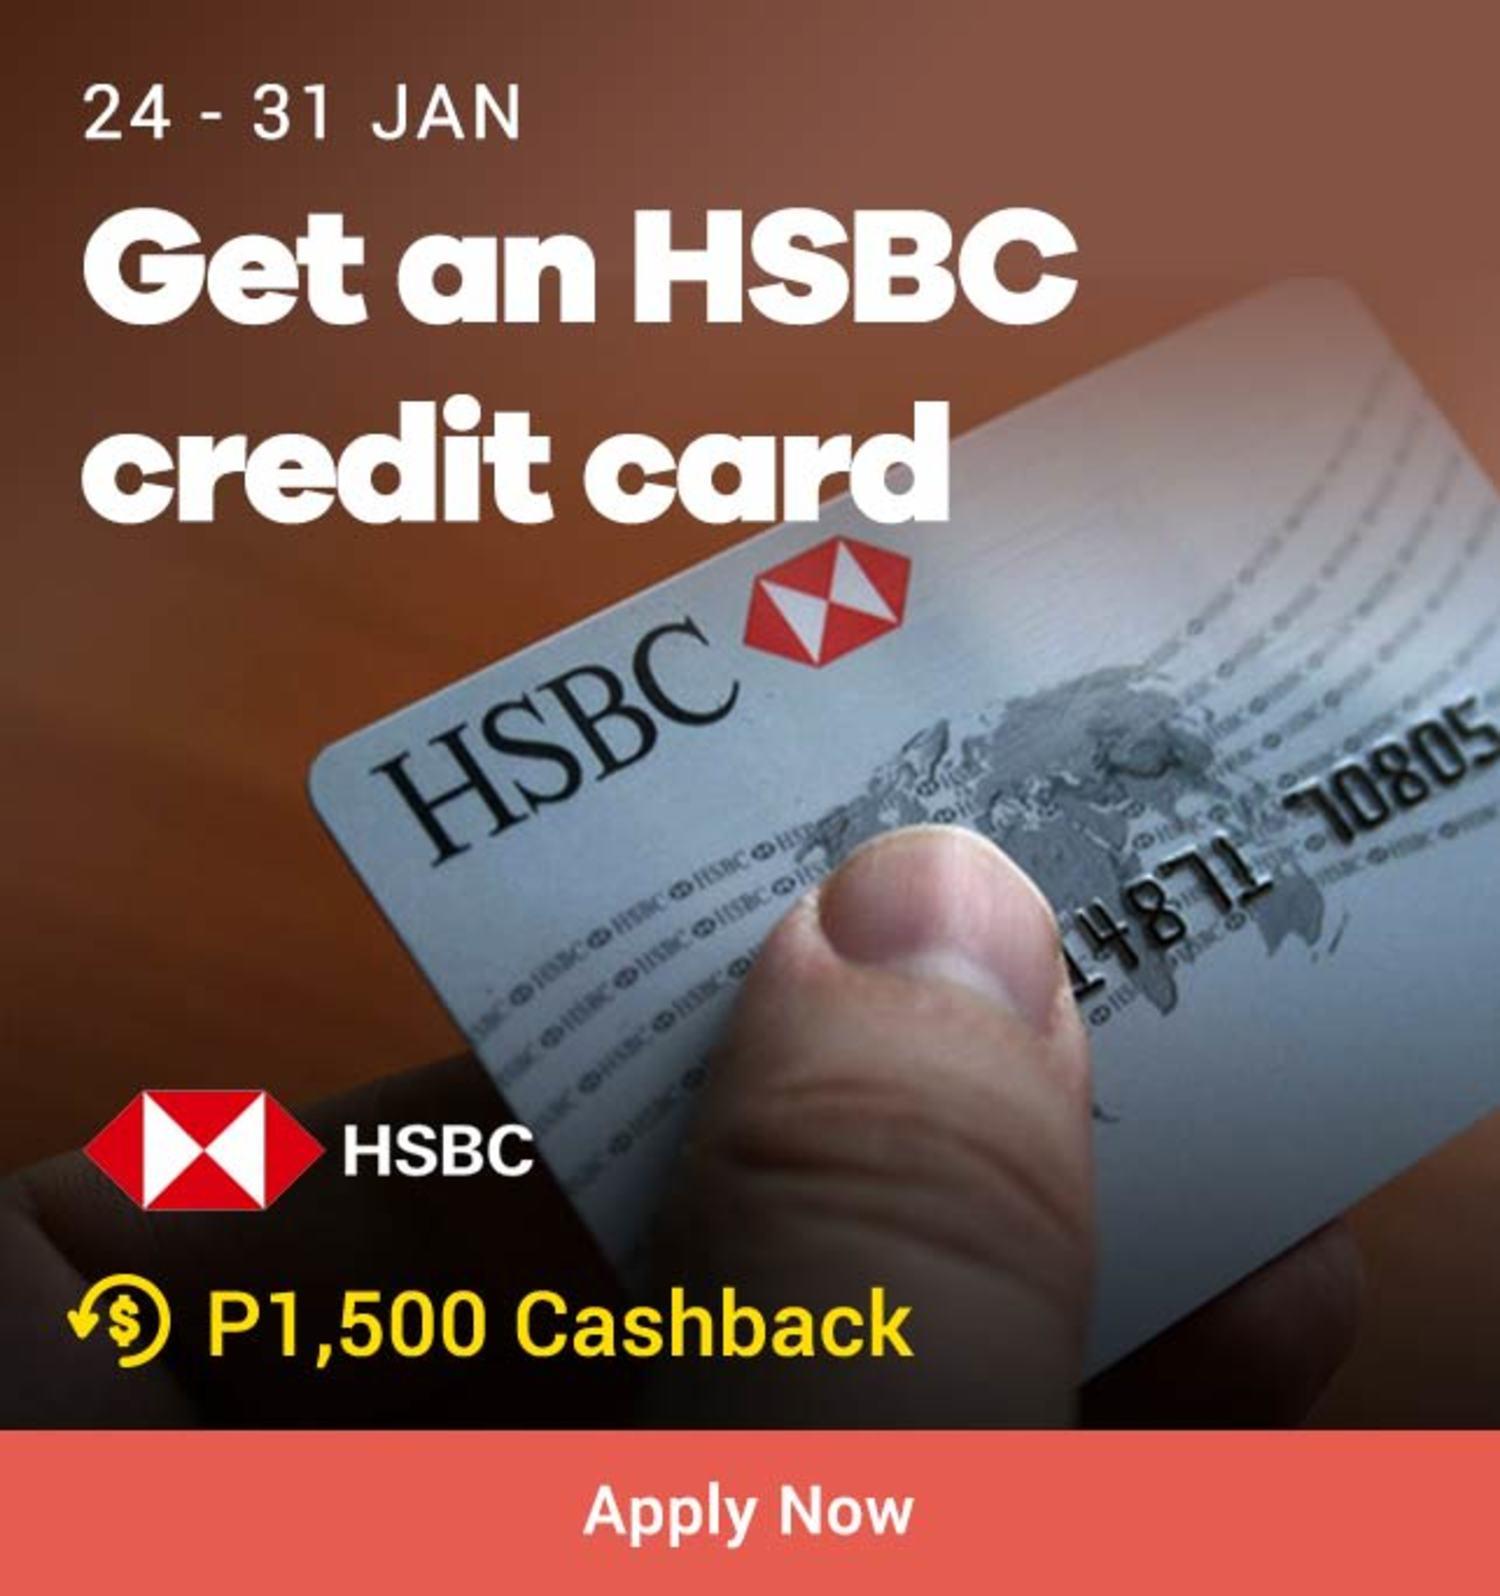 HSBC: Get an HSBC credit card